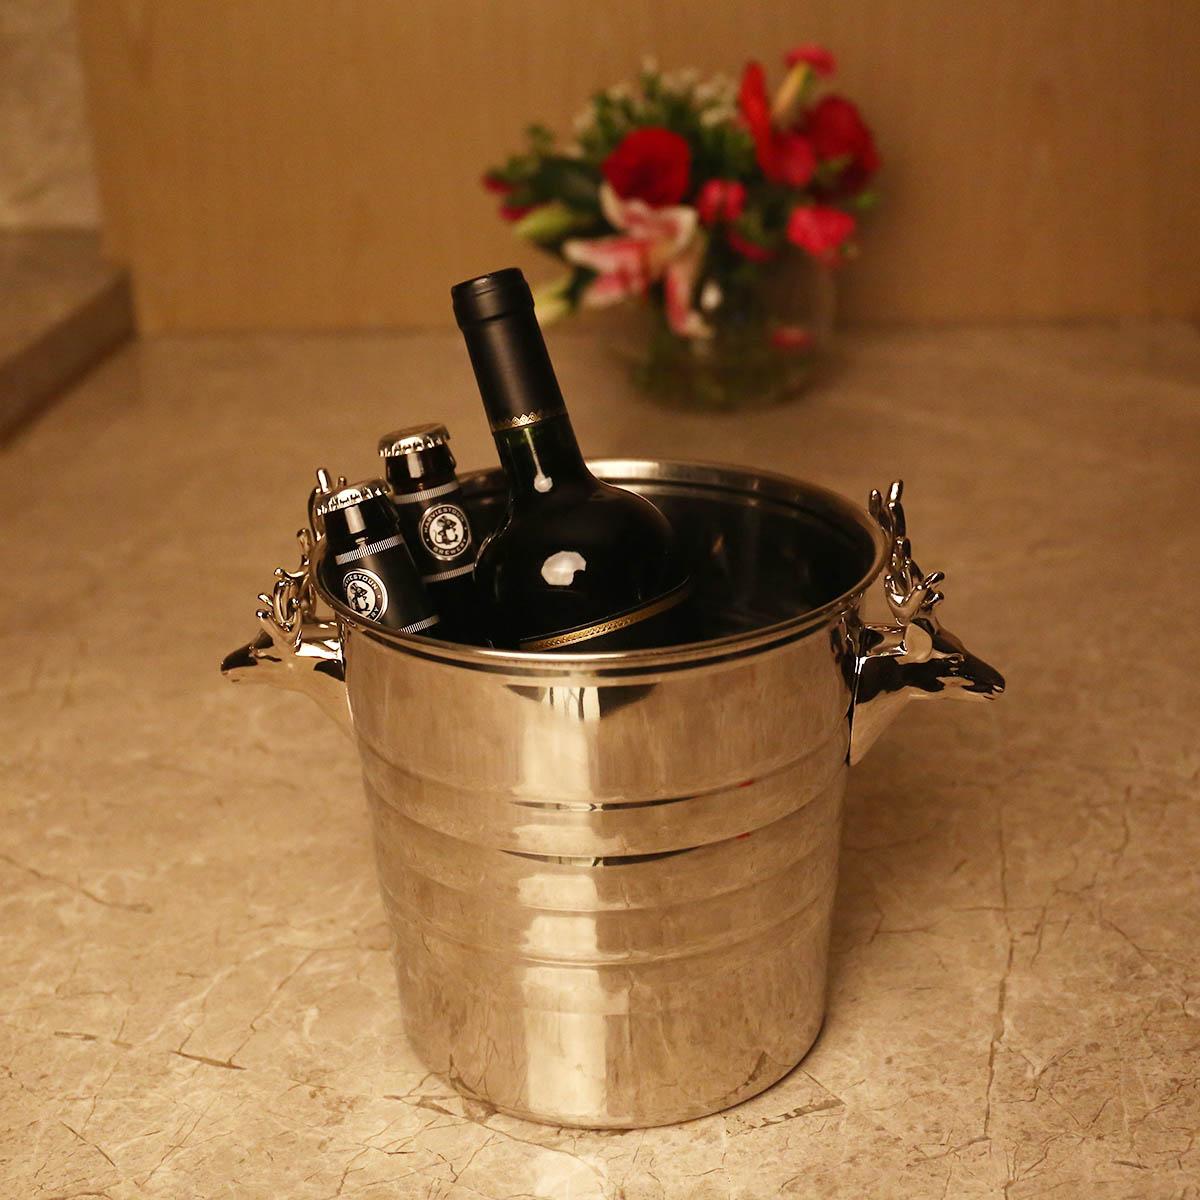 Cubo de hielo de acero inoxidable con cabeza de ciervo plateado, herramienta de Bar, herramienta para el hogar, Cubo de vino, Cubo de champán, accesorios para Bar-in Otros from Hogar y Mascotas    2